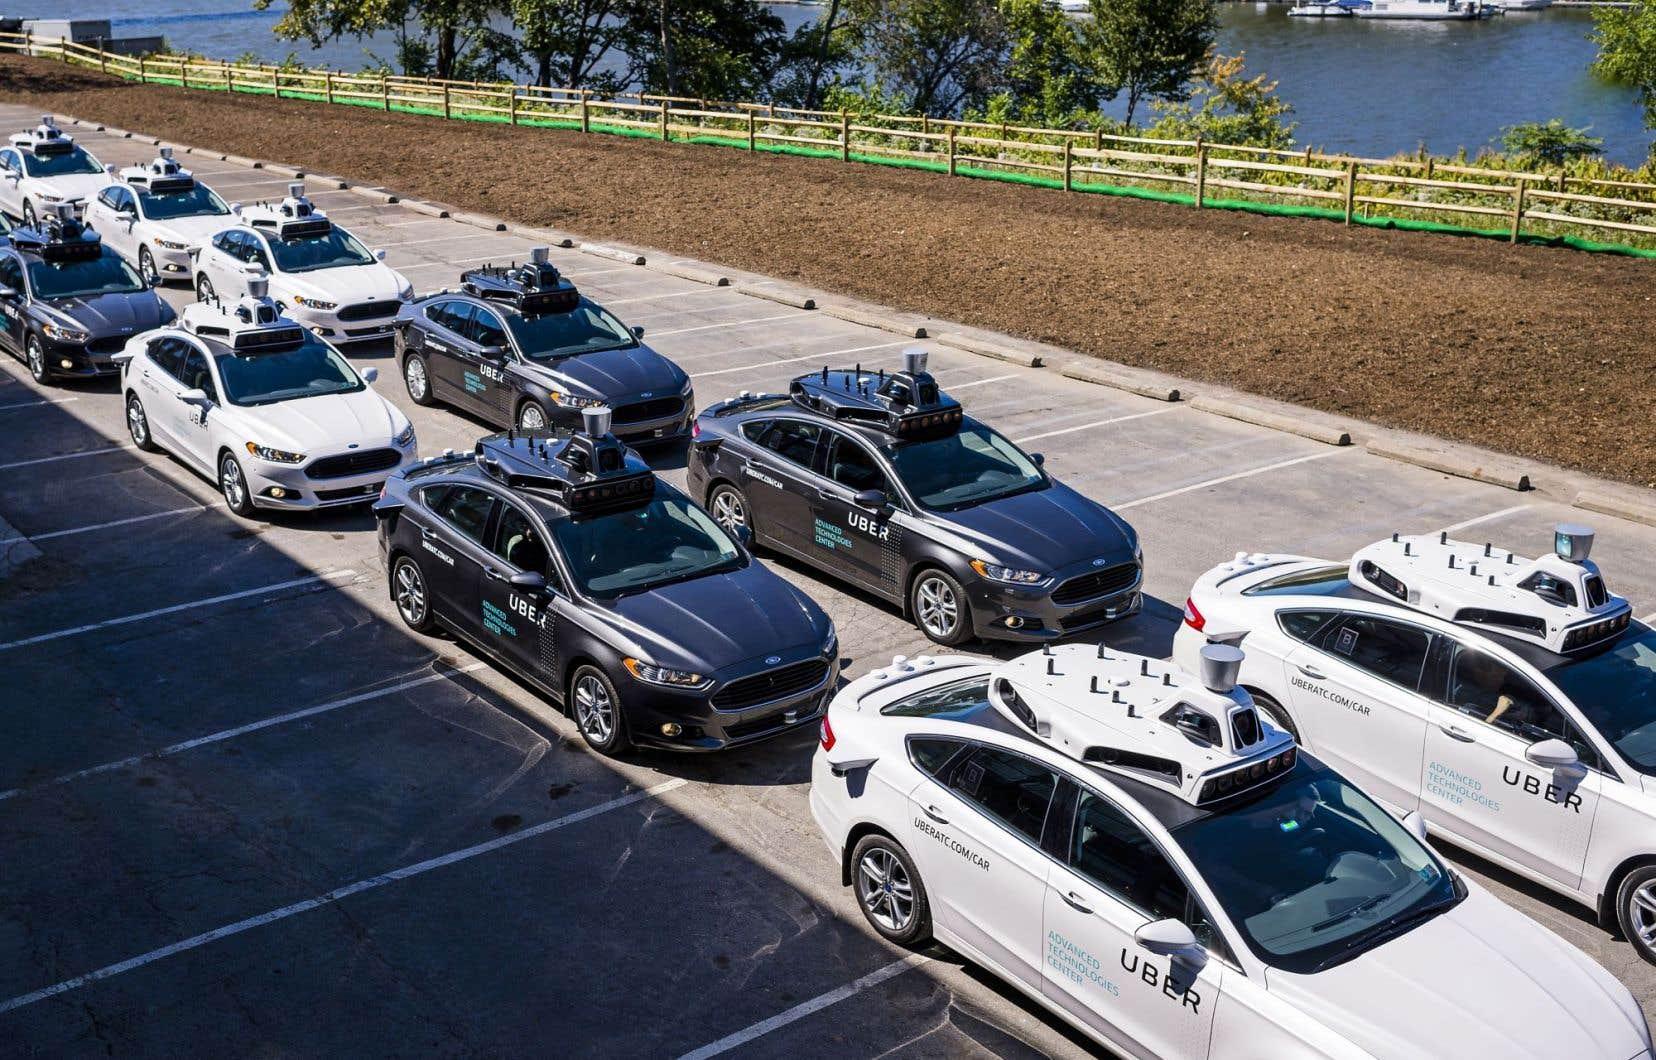 Les voitures d'Uber sont facilement reconnaissables avec tout leur équipement sur le toit.